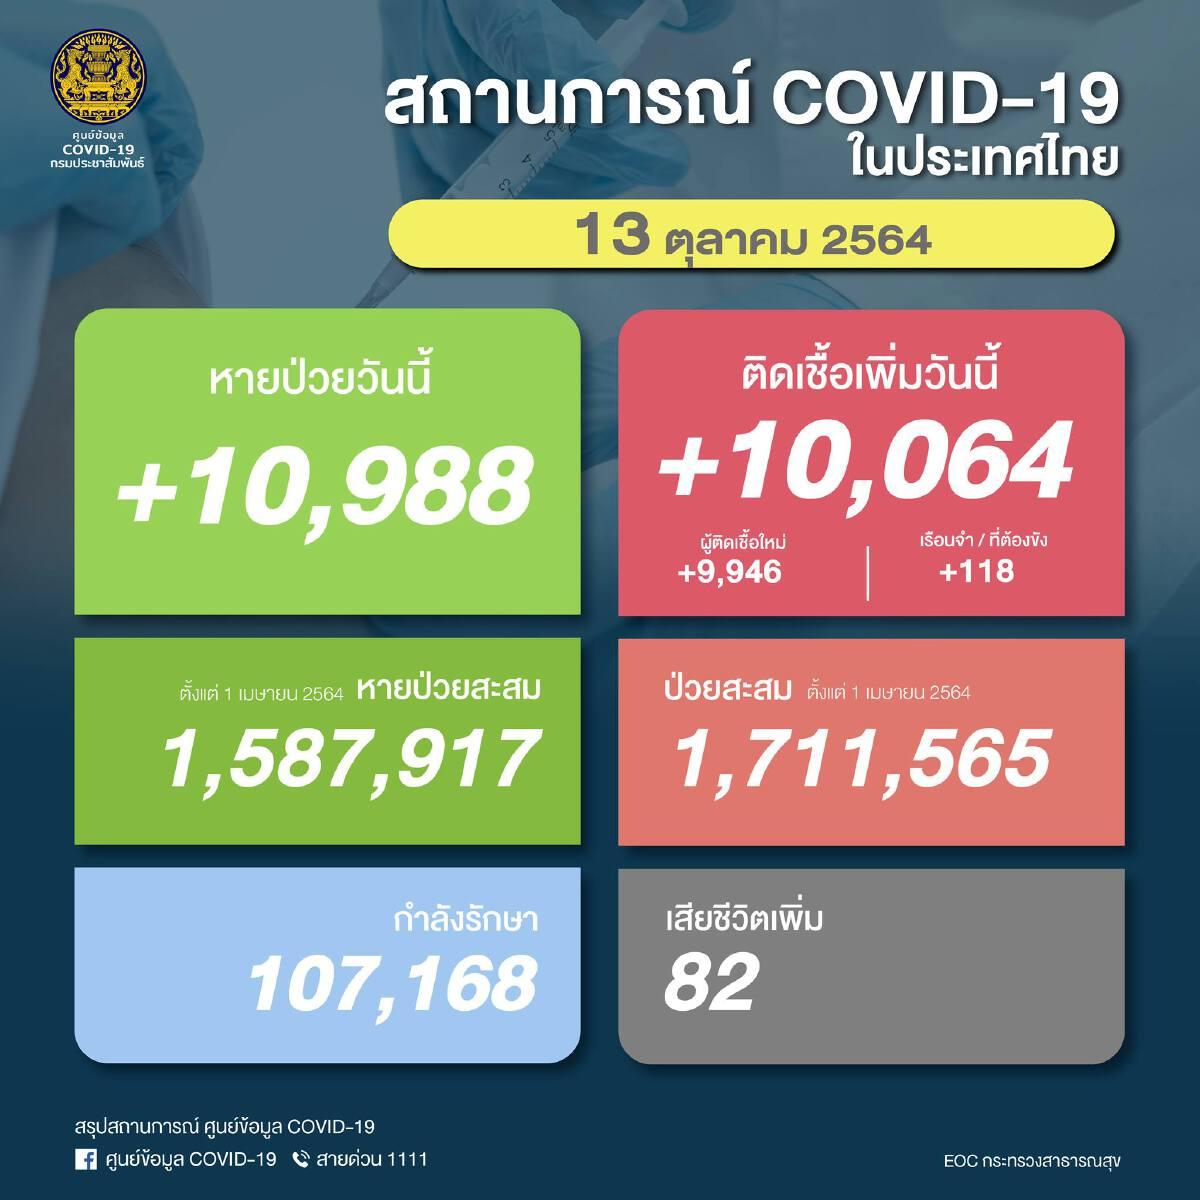 ด่วน! ยอด โควิด-19 วันนี้ พบติดเชื้อเพิ่ม 10,064 ราย เสียชีวิต 82 ราย ATK อีก 3,498 ราย